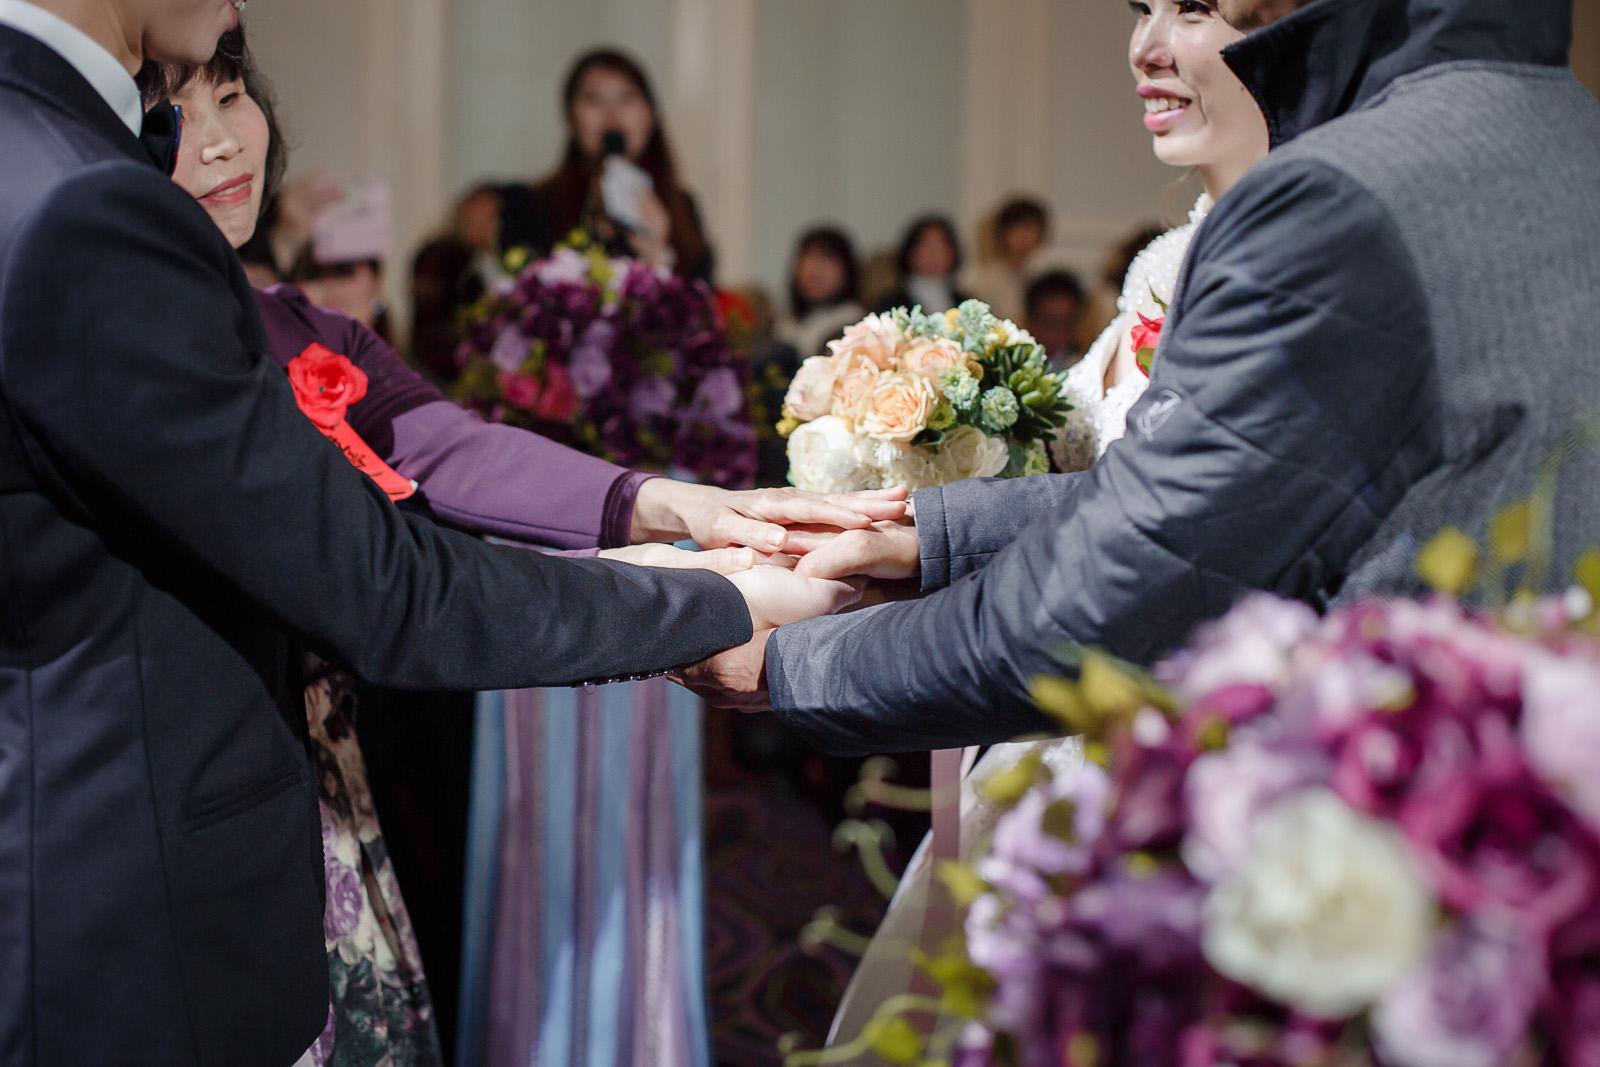 高雄圓山飯店,婚禮攝影,婚攝,高雄婚攝,優質婚攝推薦,Jen&Ethan-247